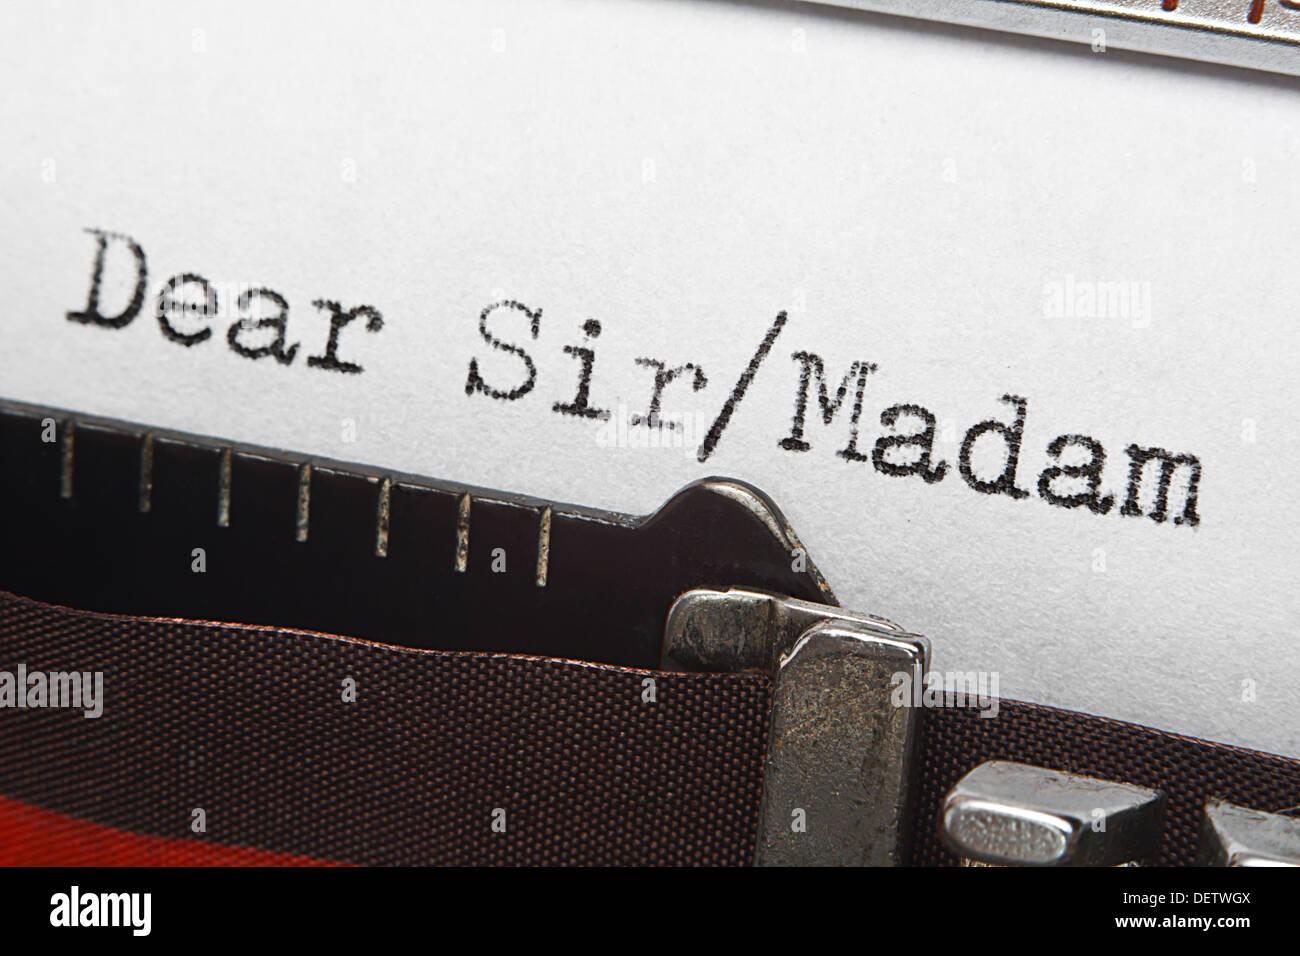 Alte retro Schreibmaschine Einreiseschreibens oder Begrüßung, sehr geehrter Herr/Frau. Tolles Konzept für formelle Briefeschreiben. Stockbild